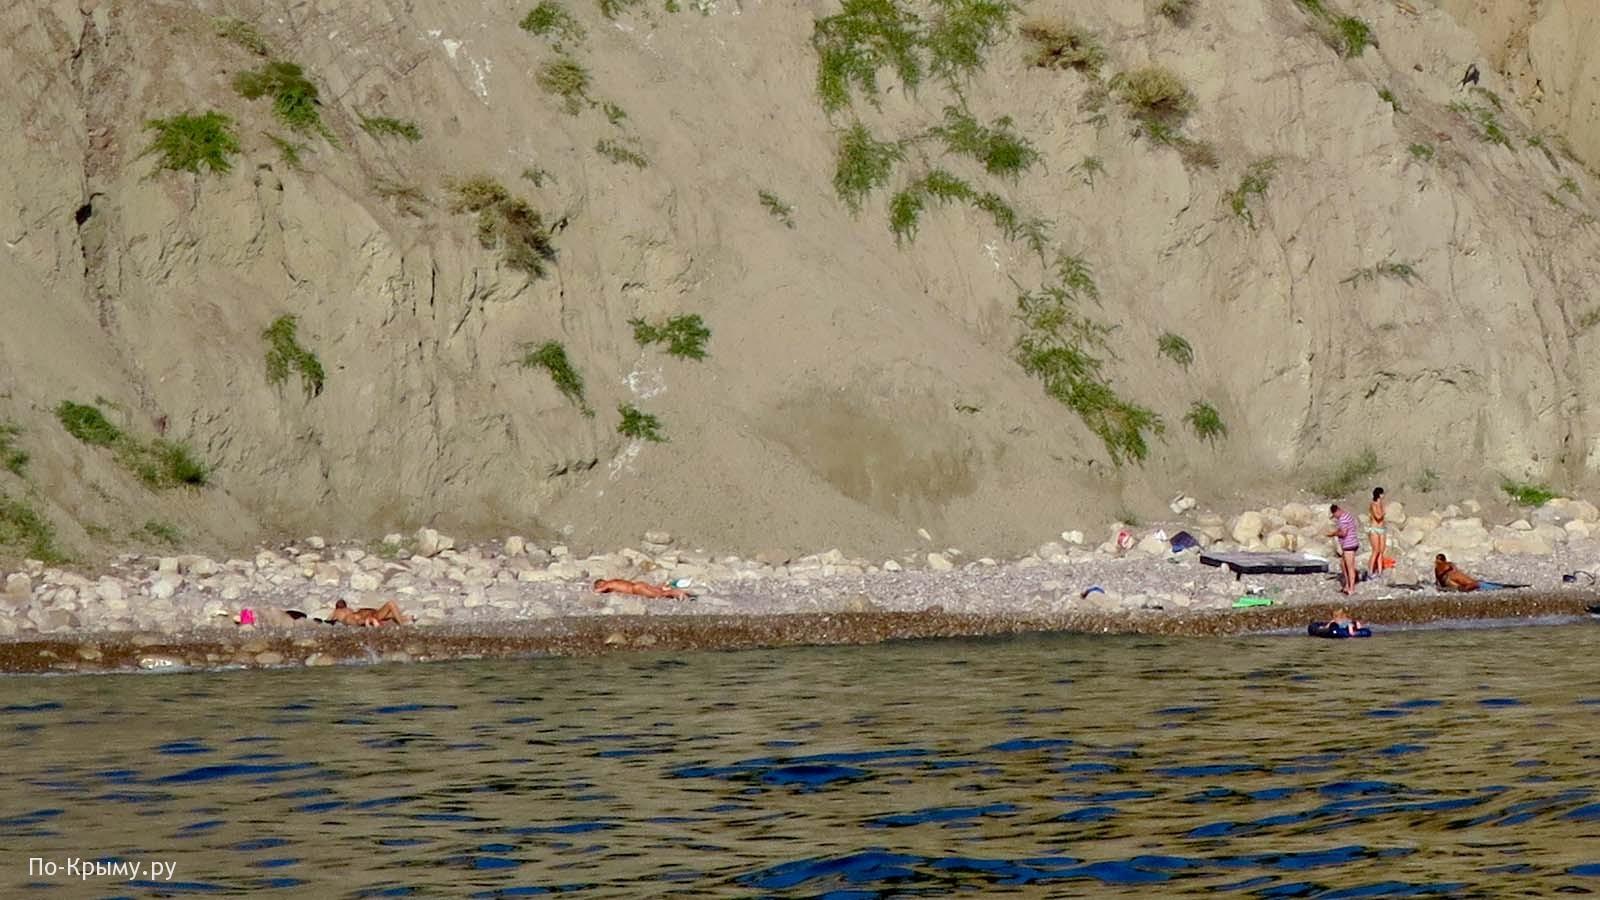 Нудисты на Голом пляже под Балаклавой, Севастополь